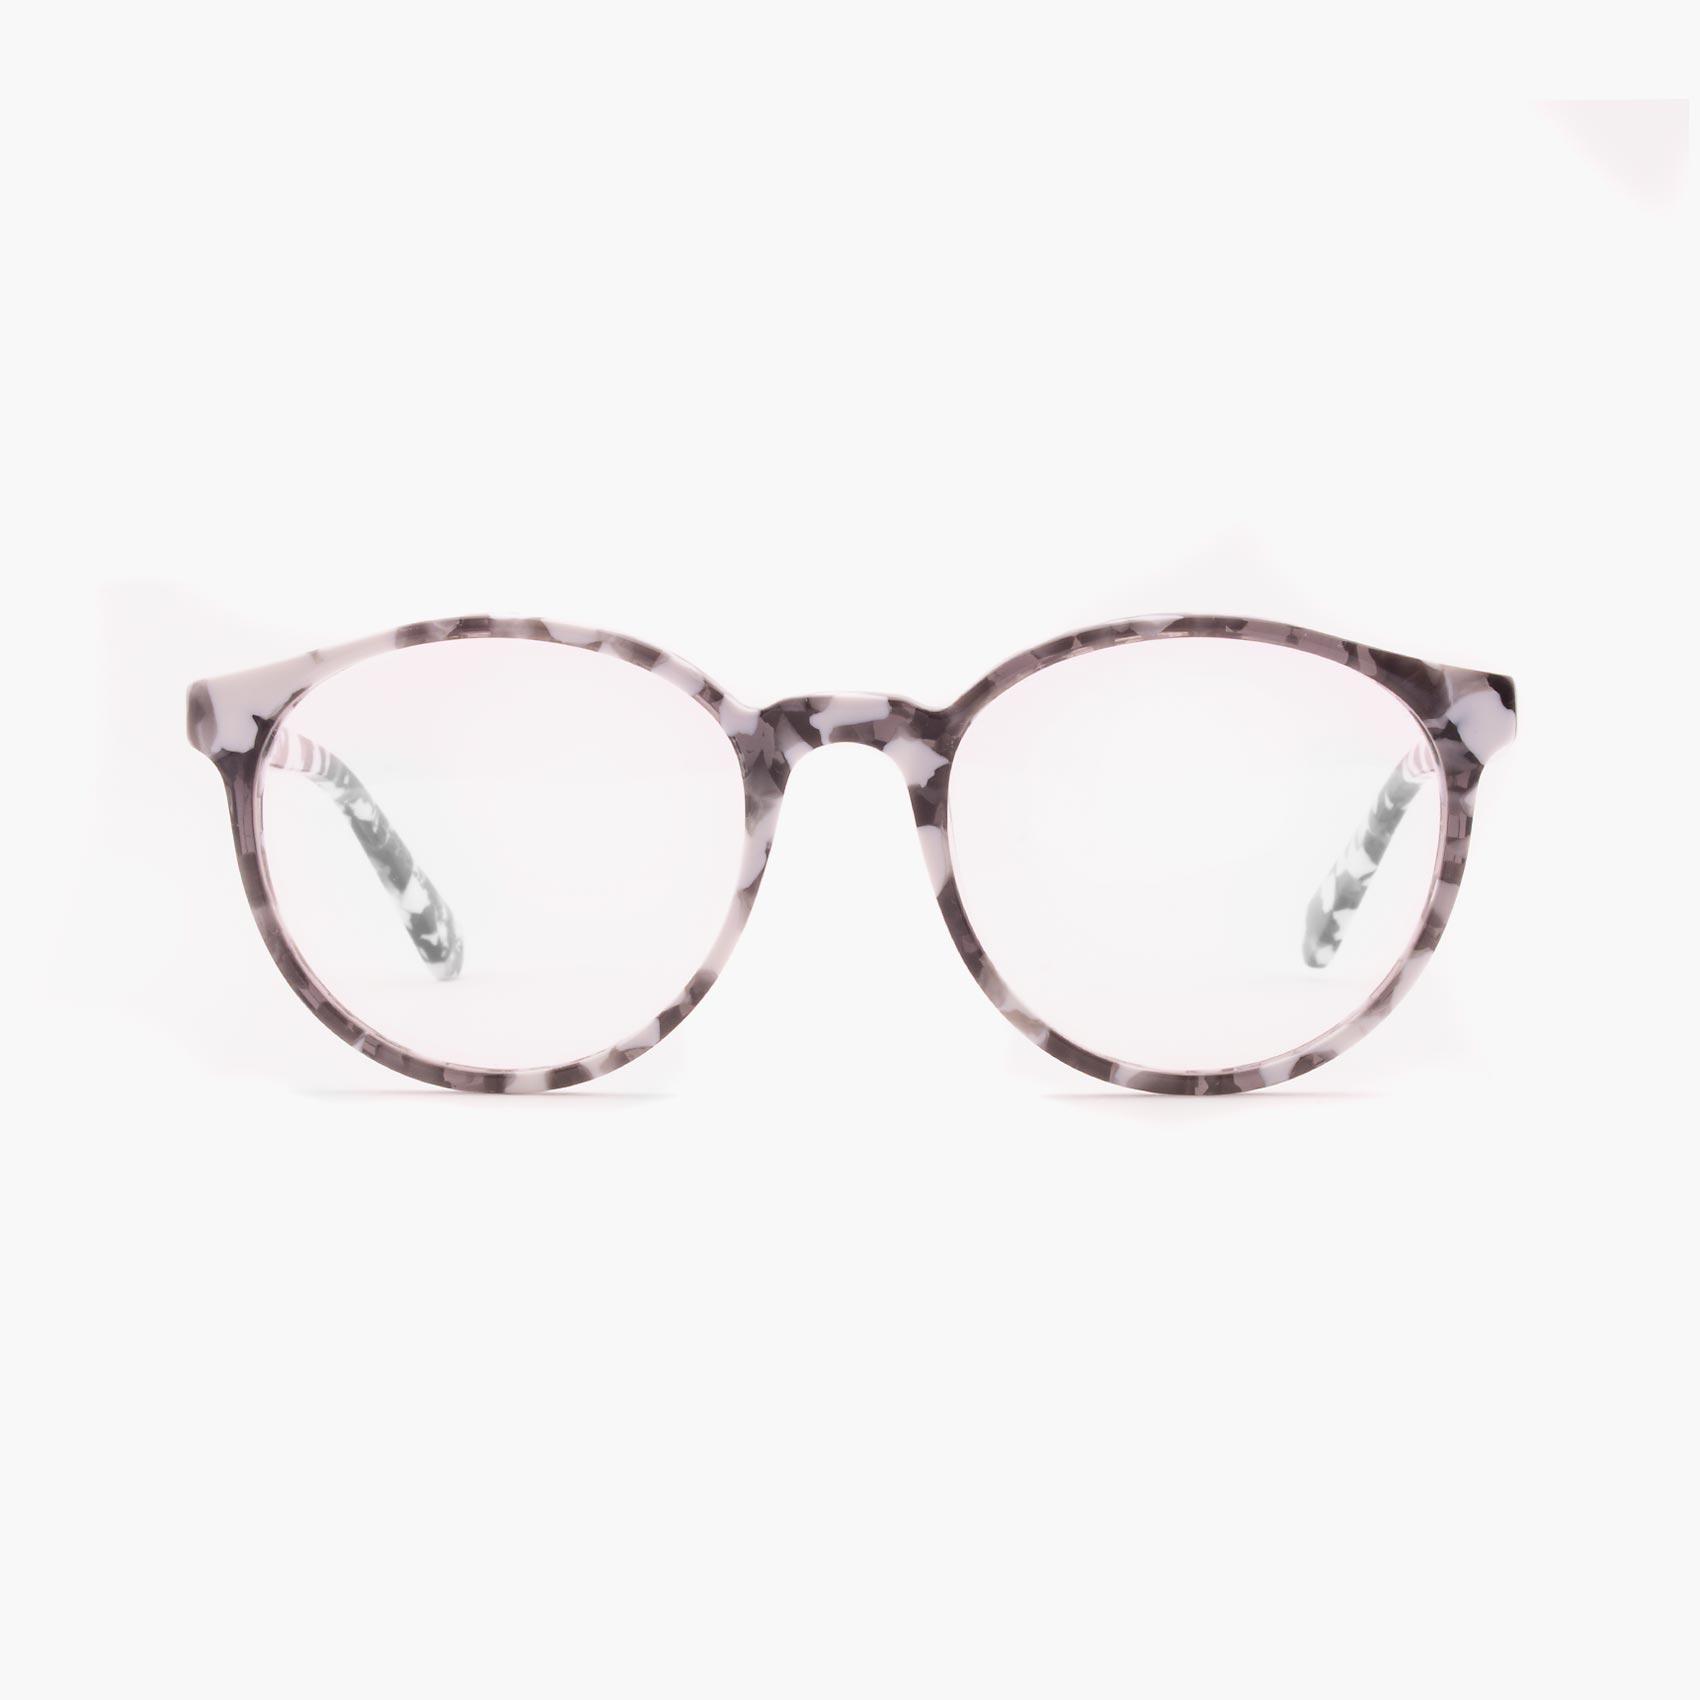 Gafas de acetato moteadas en blanco y negro modelo Crowe de Proud eyewear